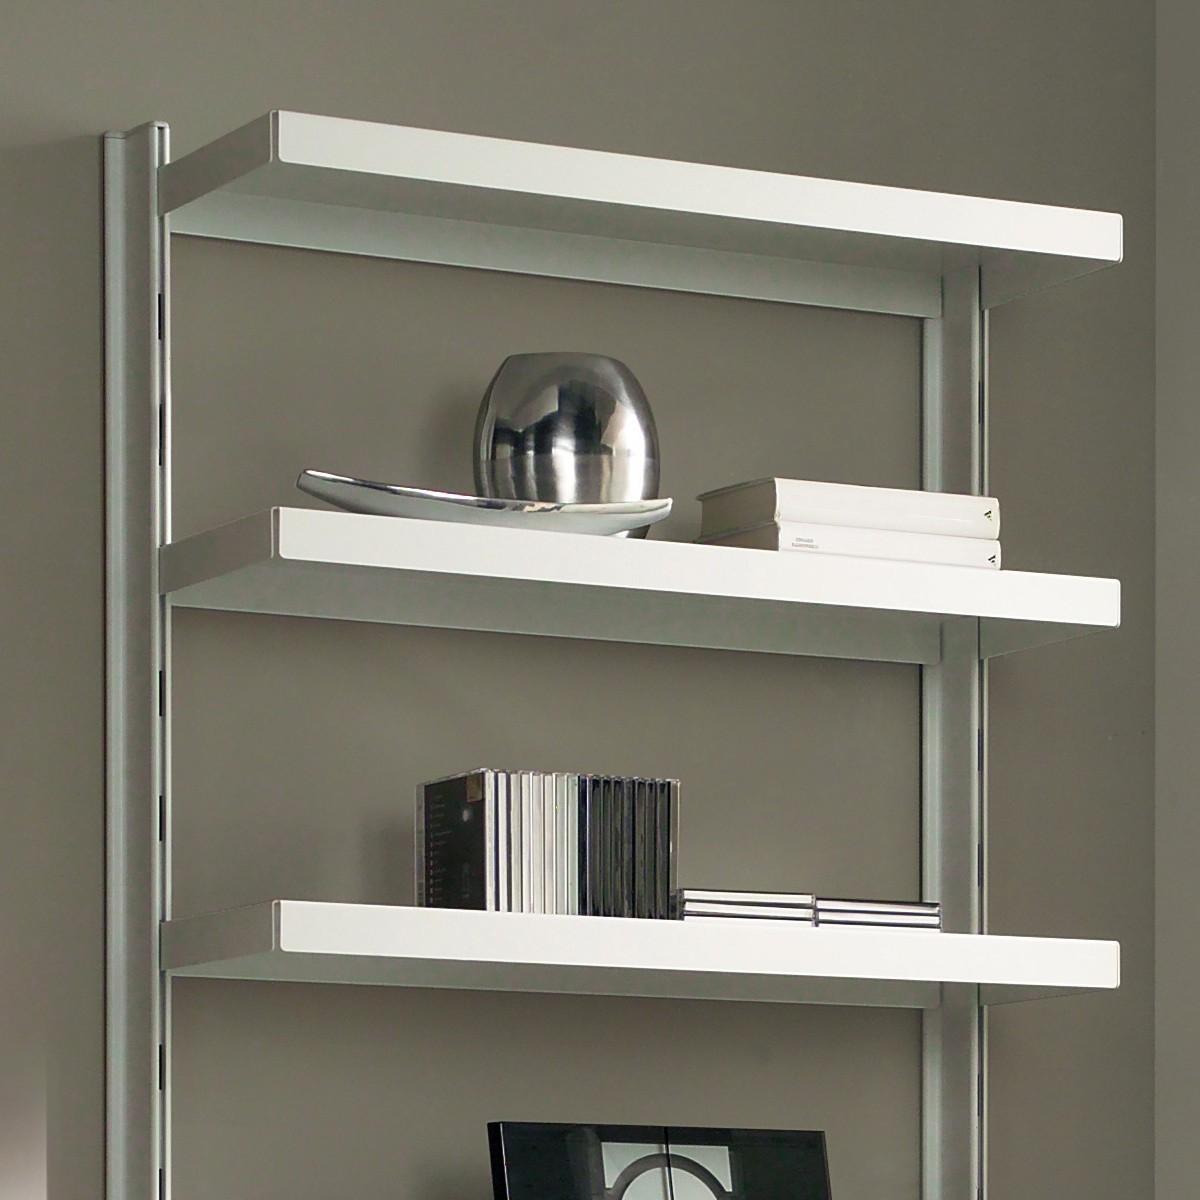 Scaffale A Muro Metallo.Scaffale In Metallo A Muro Design Moderno In Acciaio Big 15